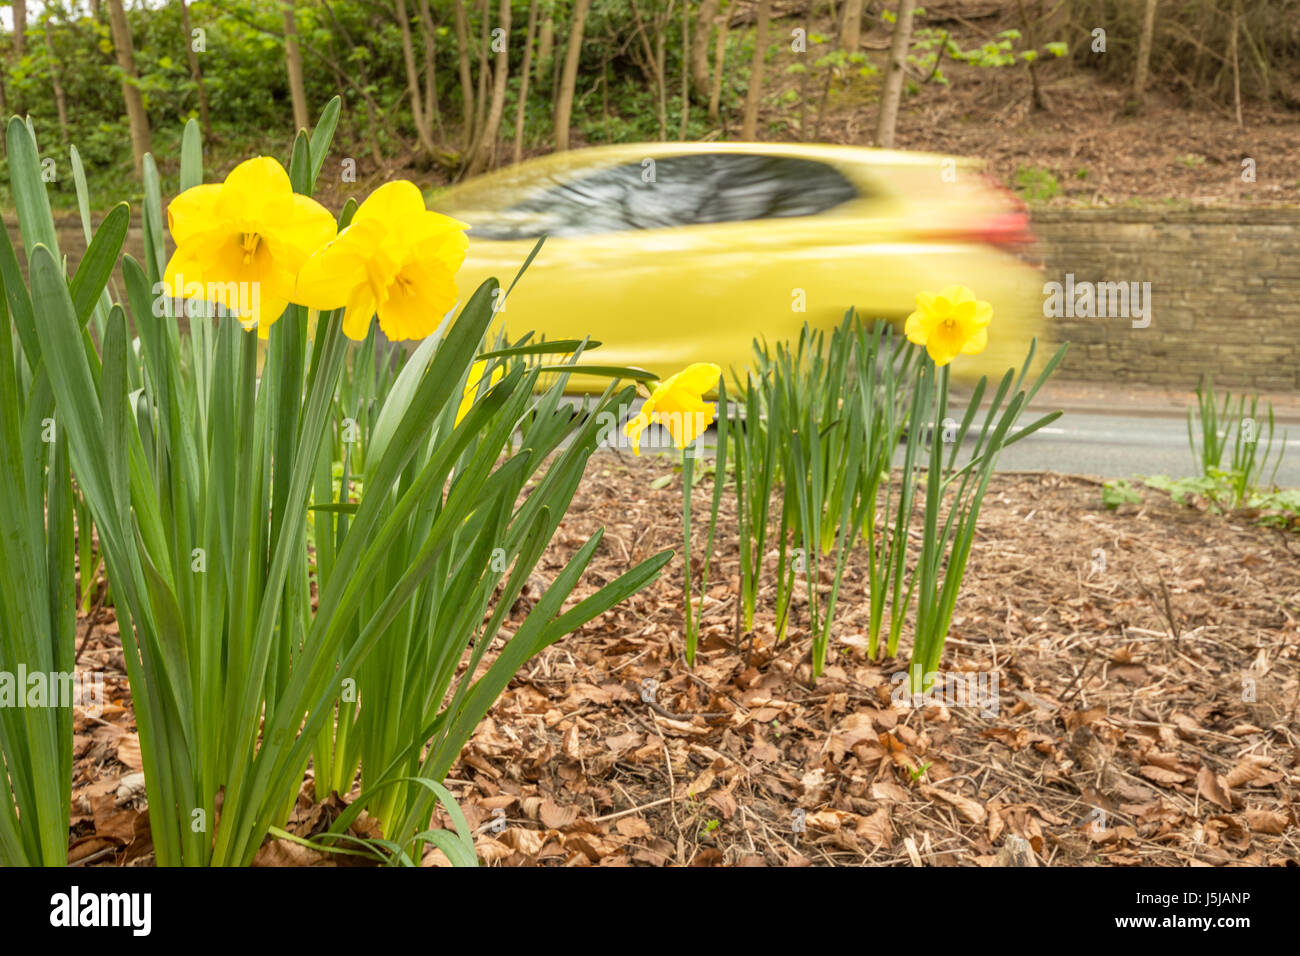 Ein gelbes Auto Gefahren schnell und Beschleunigung Stockbild